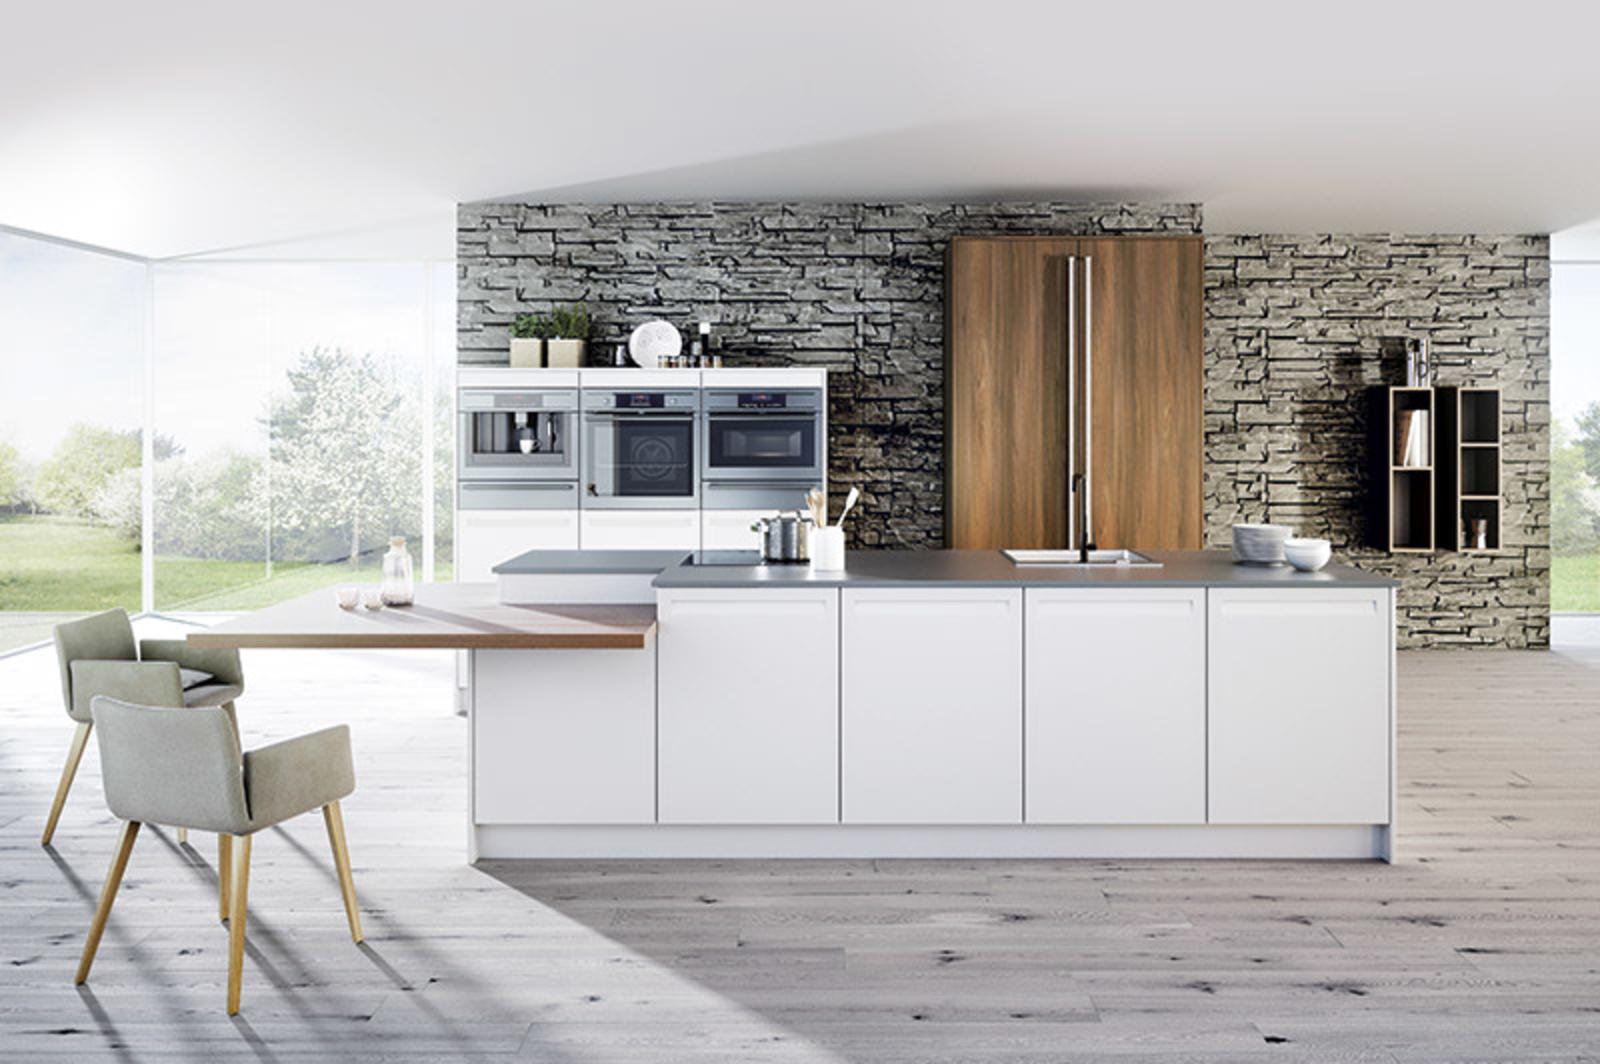 Black Industriele Keuken : Luxe landelijke keuken met eiland in industriële stijl db keukens